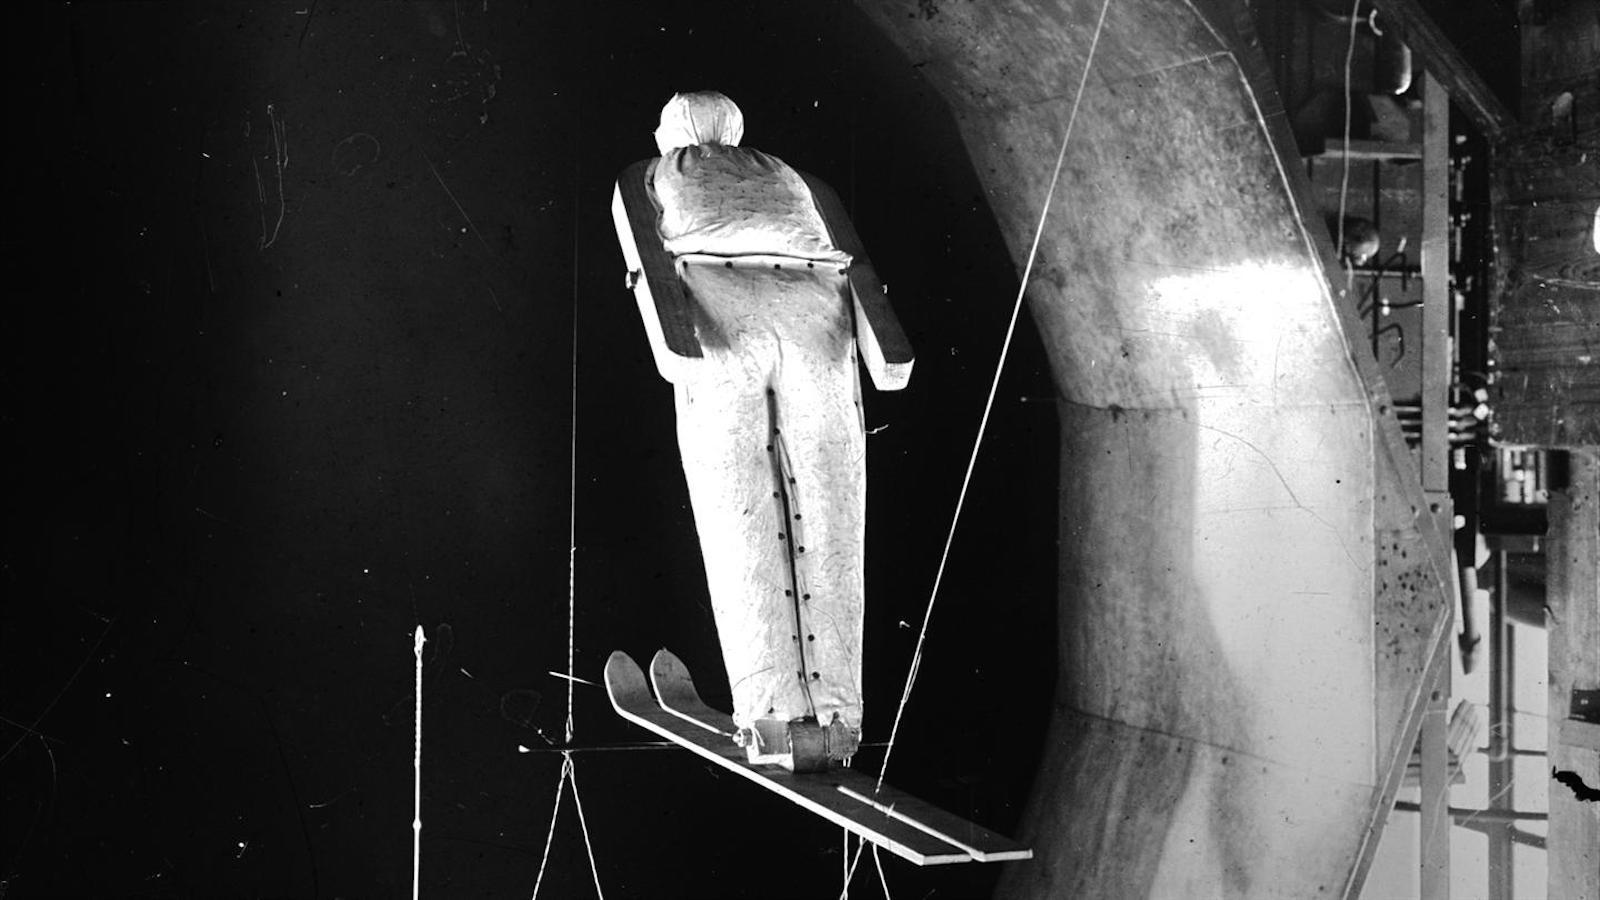 Aerodynamische Untersuchung eines etwa 50 Zentimeter großen Modells eines Skispringers in einem Windkanal der AVA-Göttingen, Vorläufer des heutigen DLR. Das Bild ist zur besseren Veranschaulichung verkehrt herum – eigentlich war die Puppe kopfüber aufgehängt.